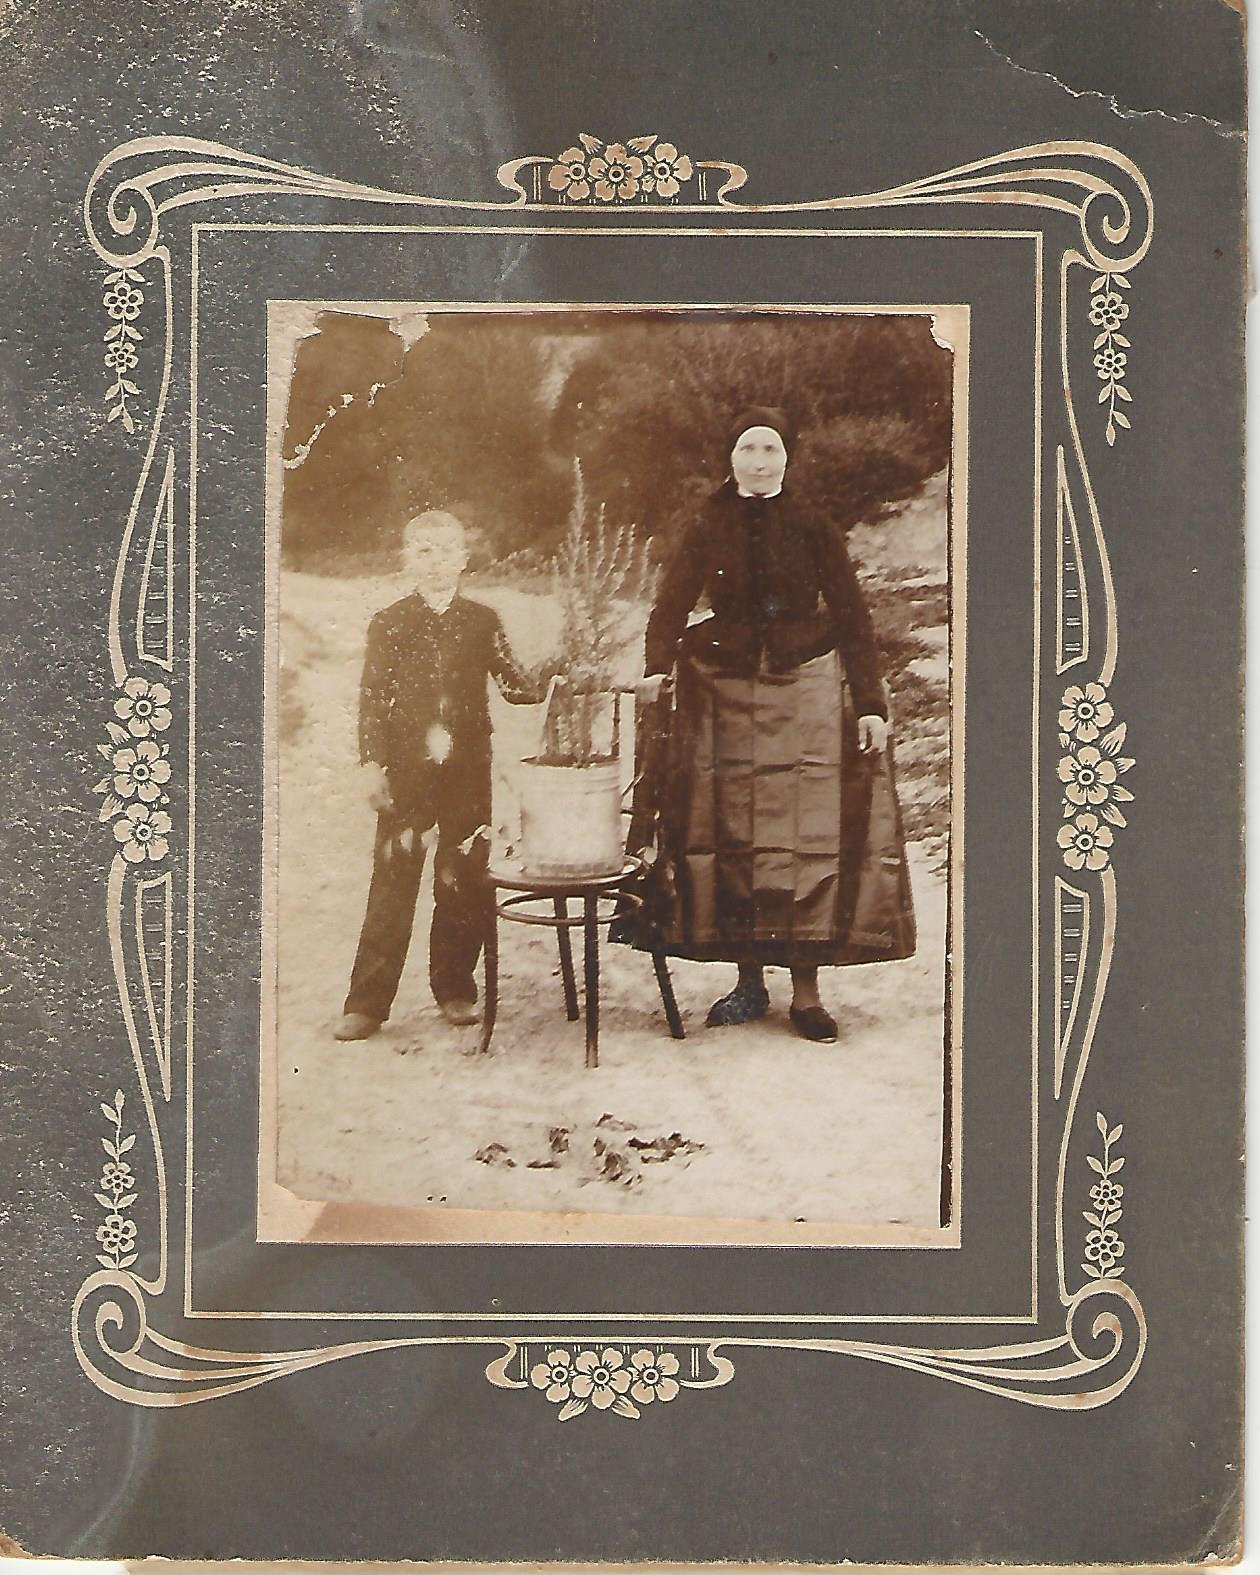 Kisfiú édesanyjával, rozmaringgal Nagykovácsiban Nagykovácsi Öregiskola Közösségi Ház és Könyvtár gyűjteménye